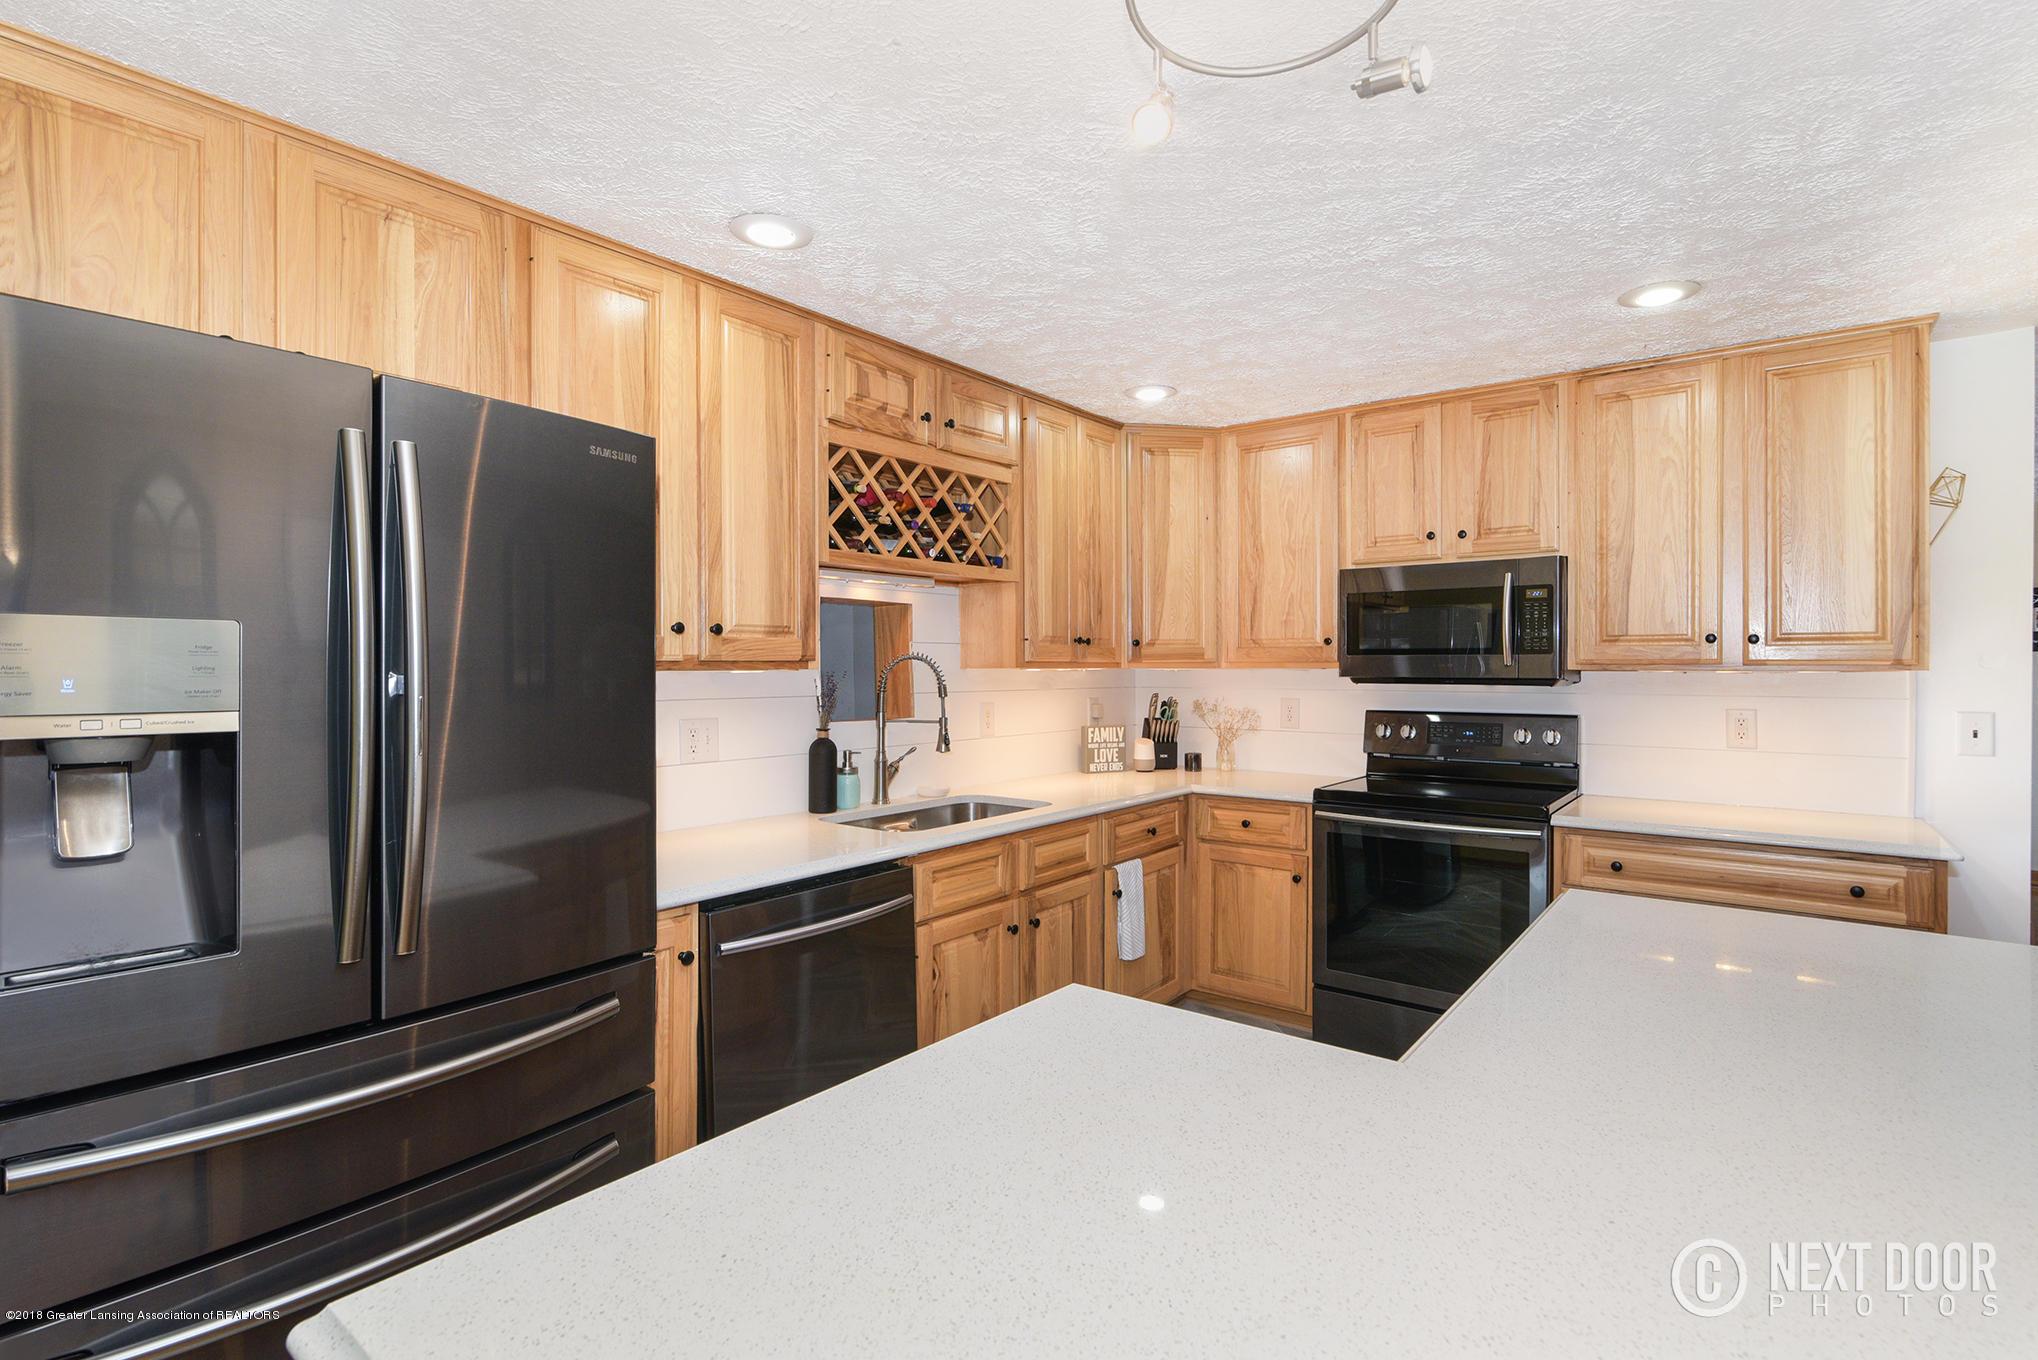 744 S Stine Rd - Kitchen3 - 11